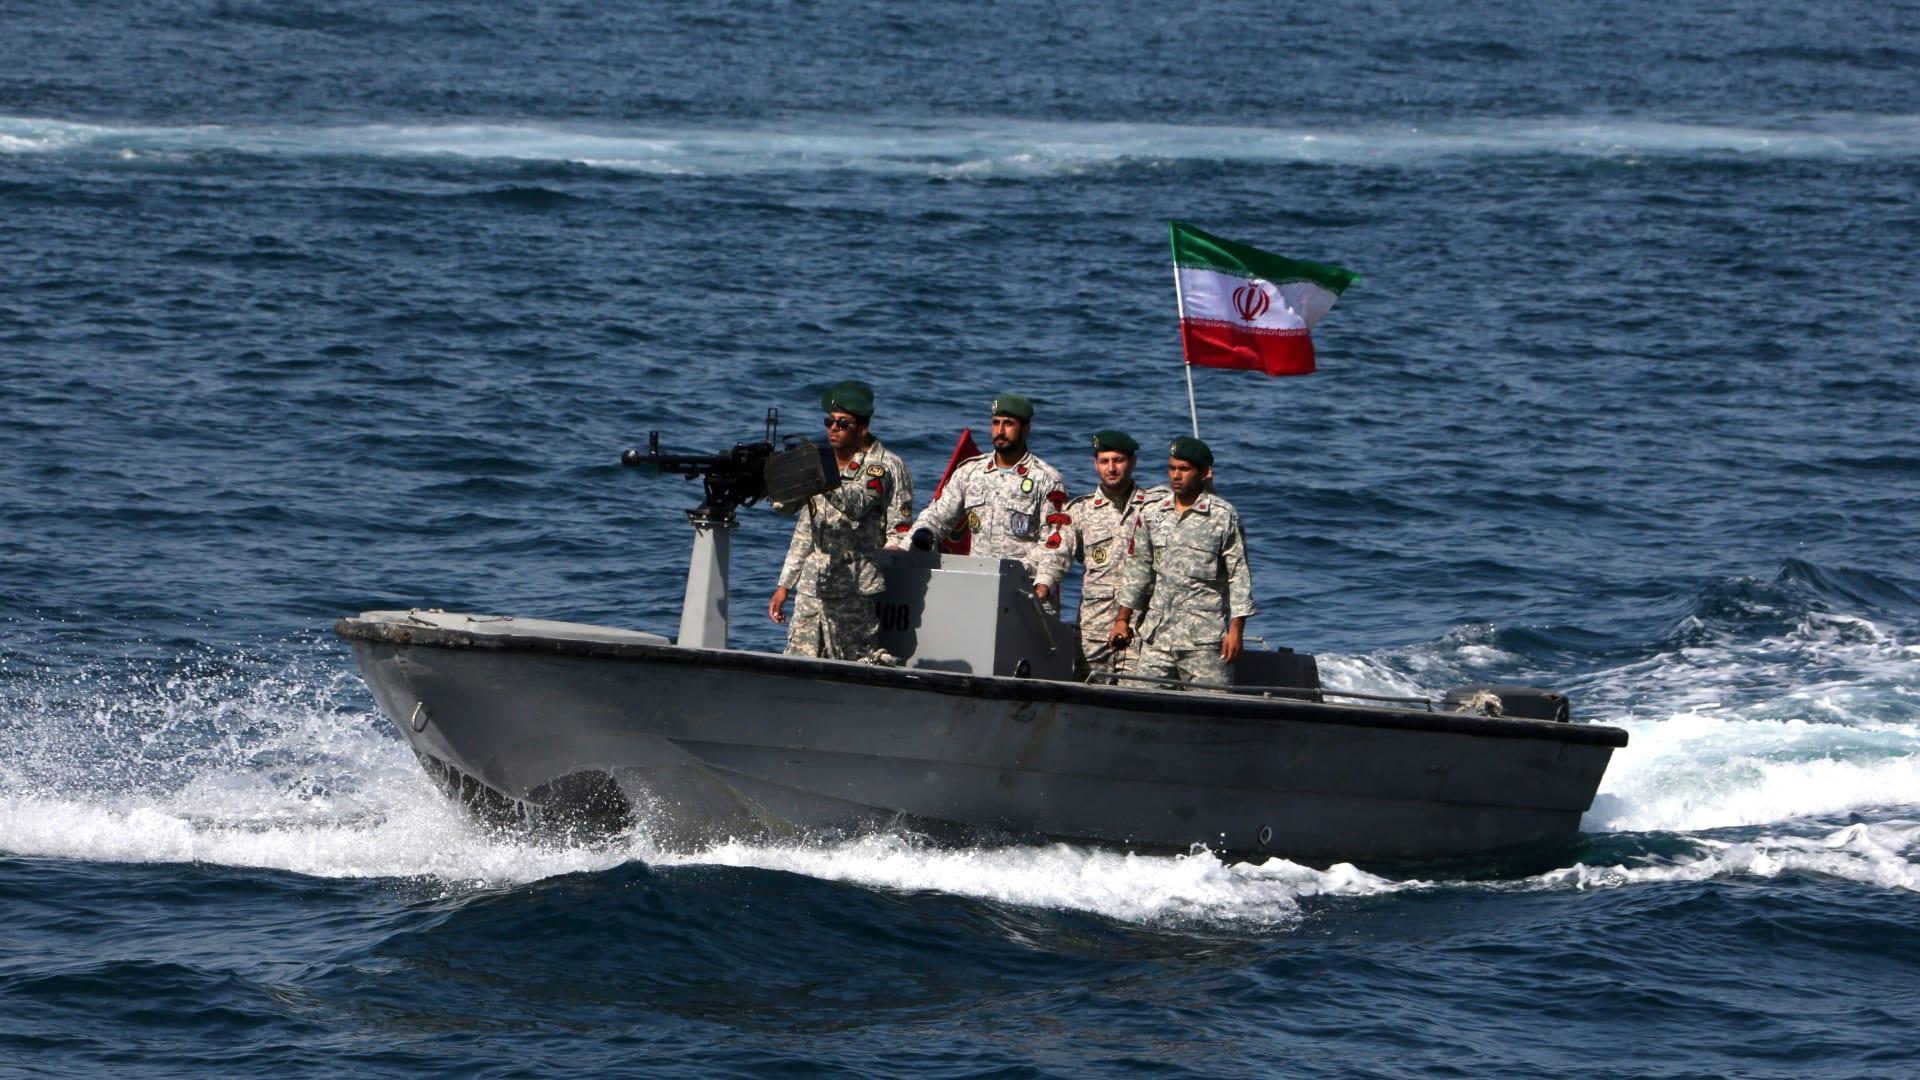 أسئلة بأروقة المخابرات الأمريكية حول سحب ناقلة نفط تابعة للإمارات إلى جزيرة إيرانية